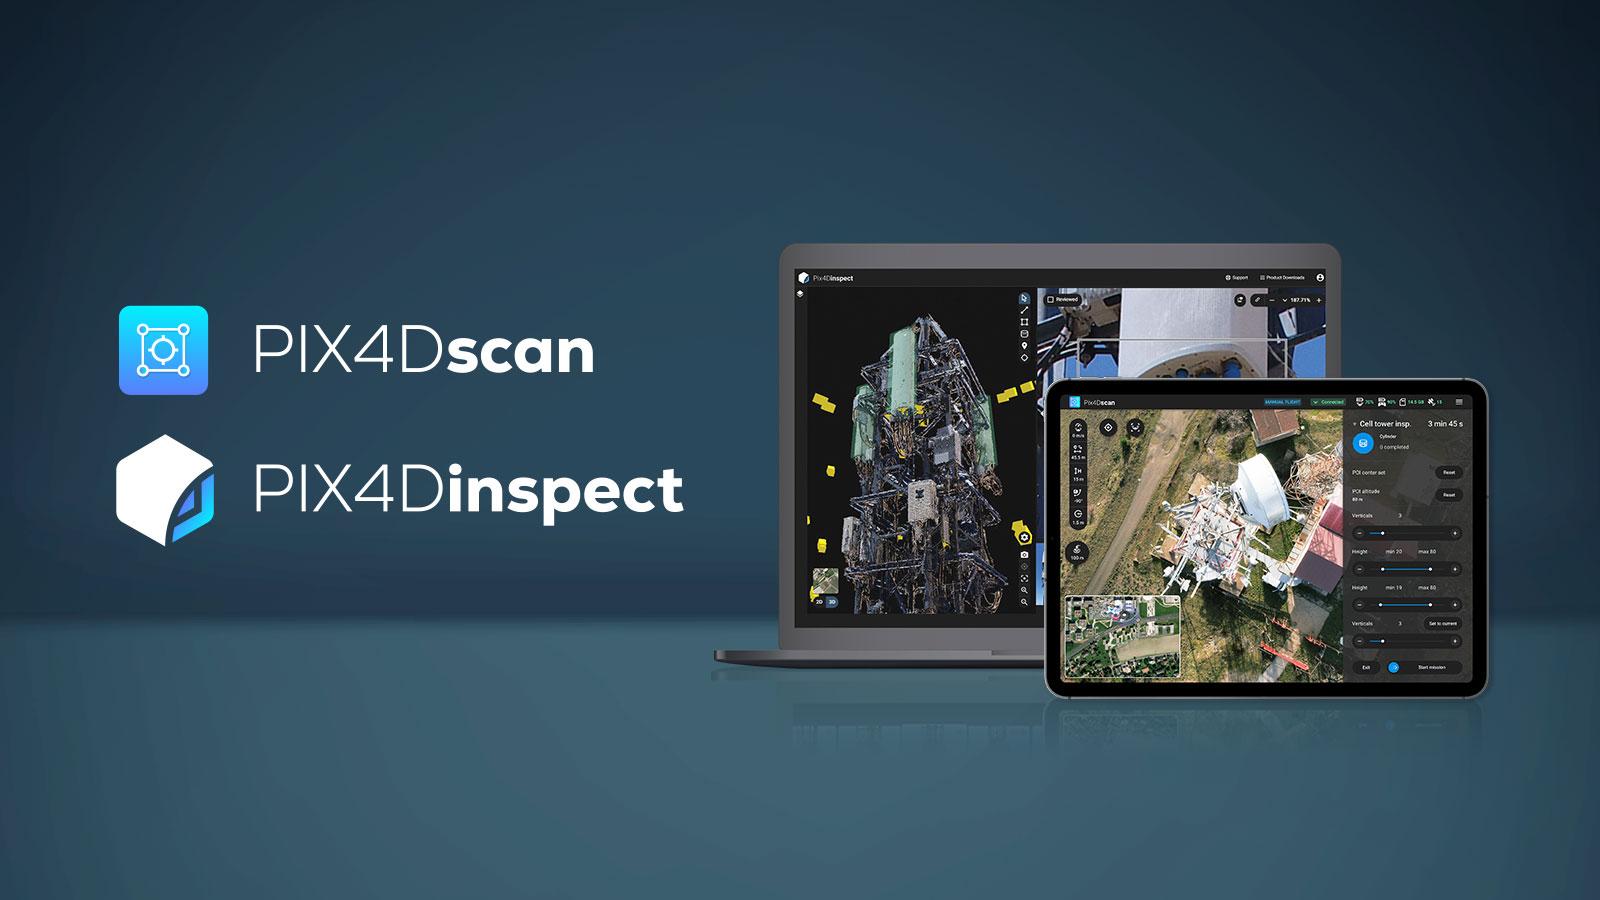 PIX4Dscan and PIX4Dinspect revolutionize asset inspection